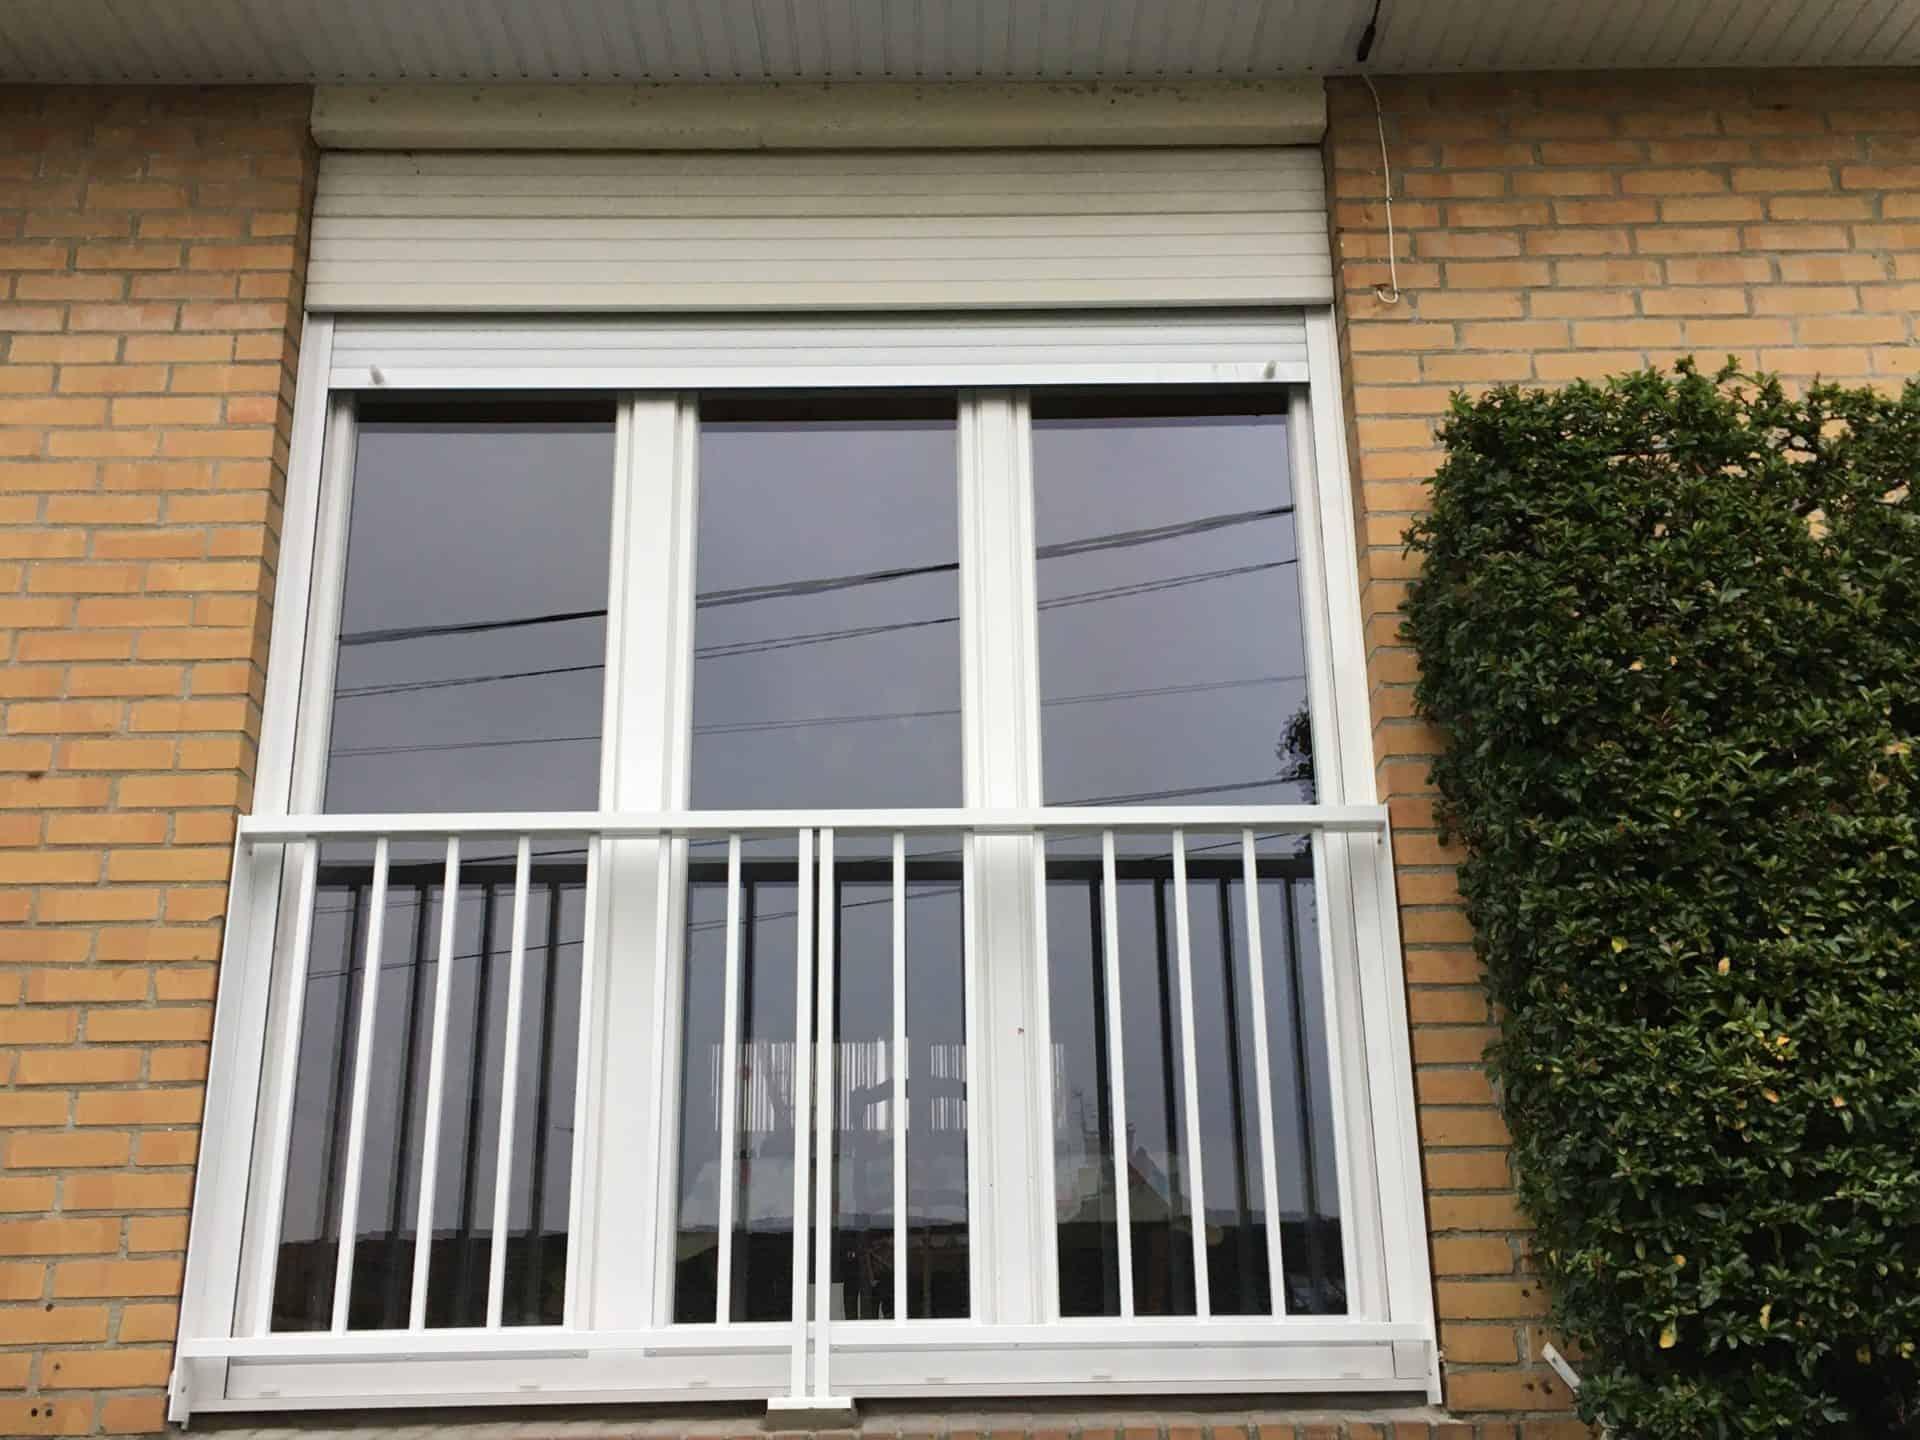 Pose de fenêtres Fermetures Must